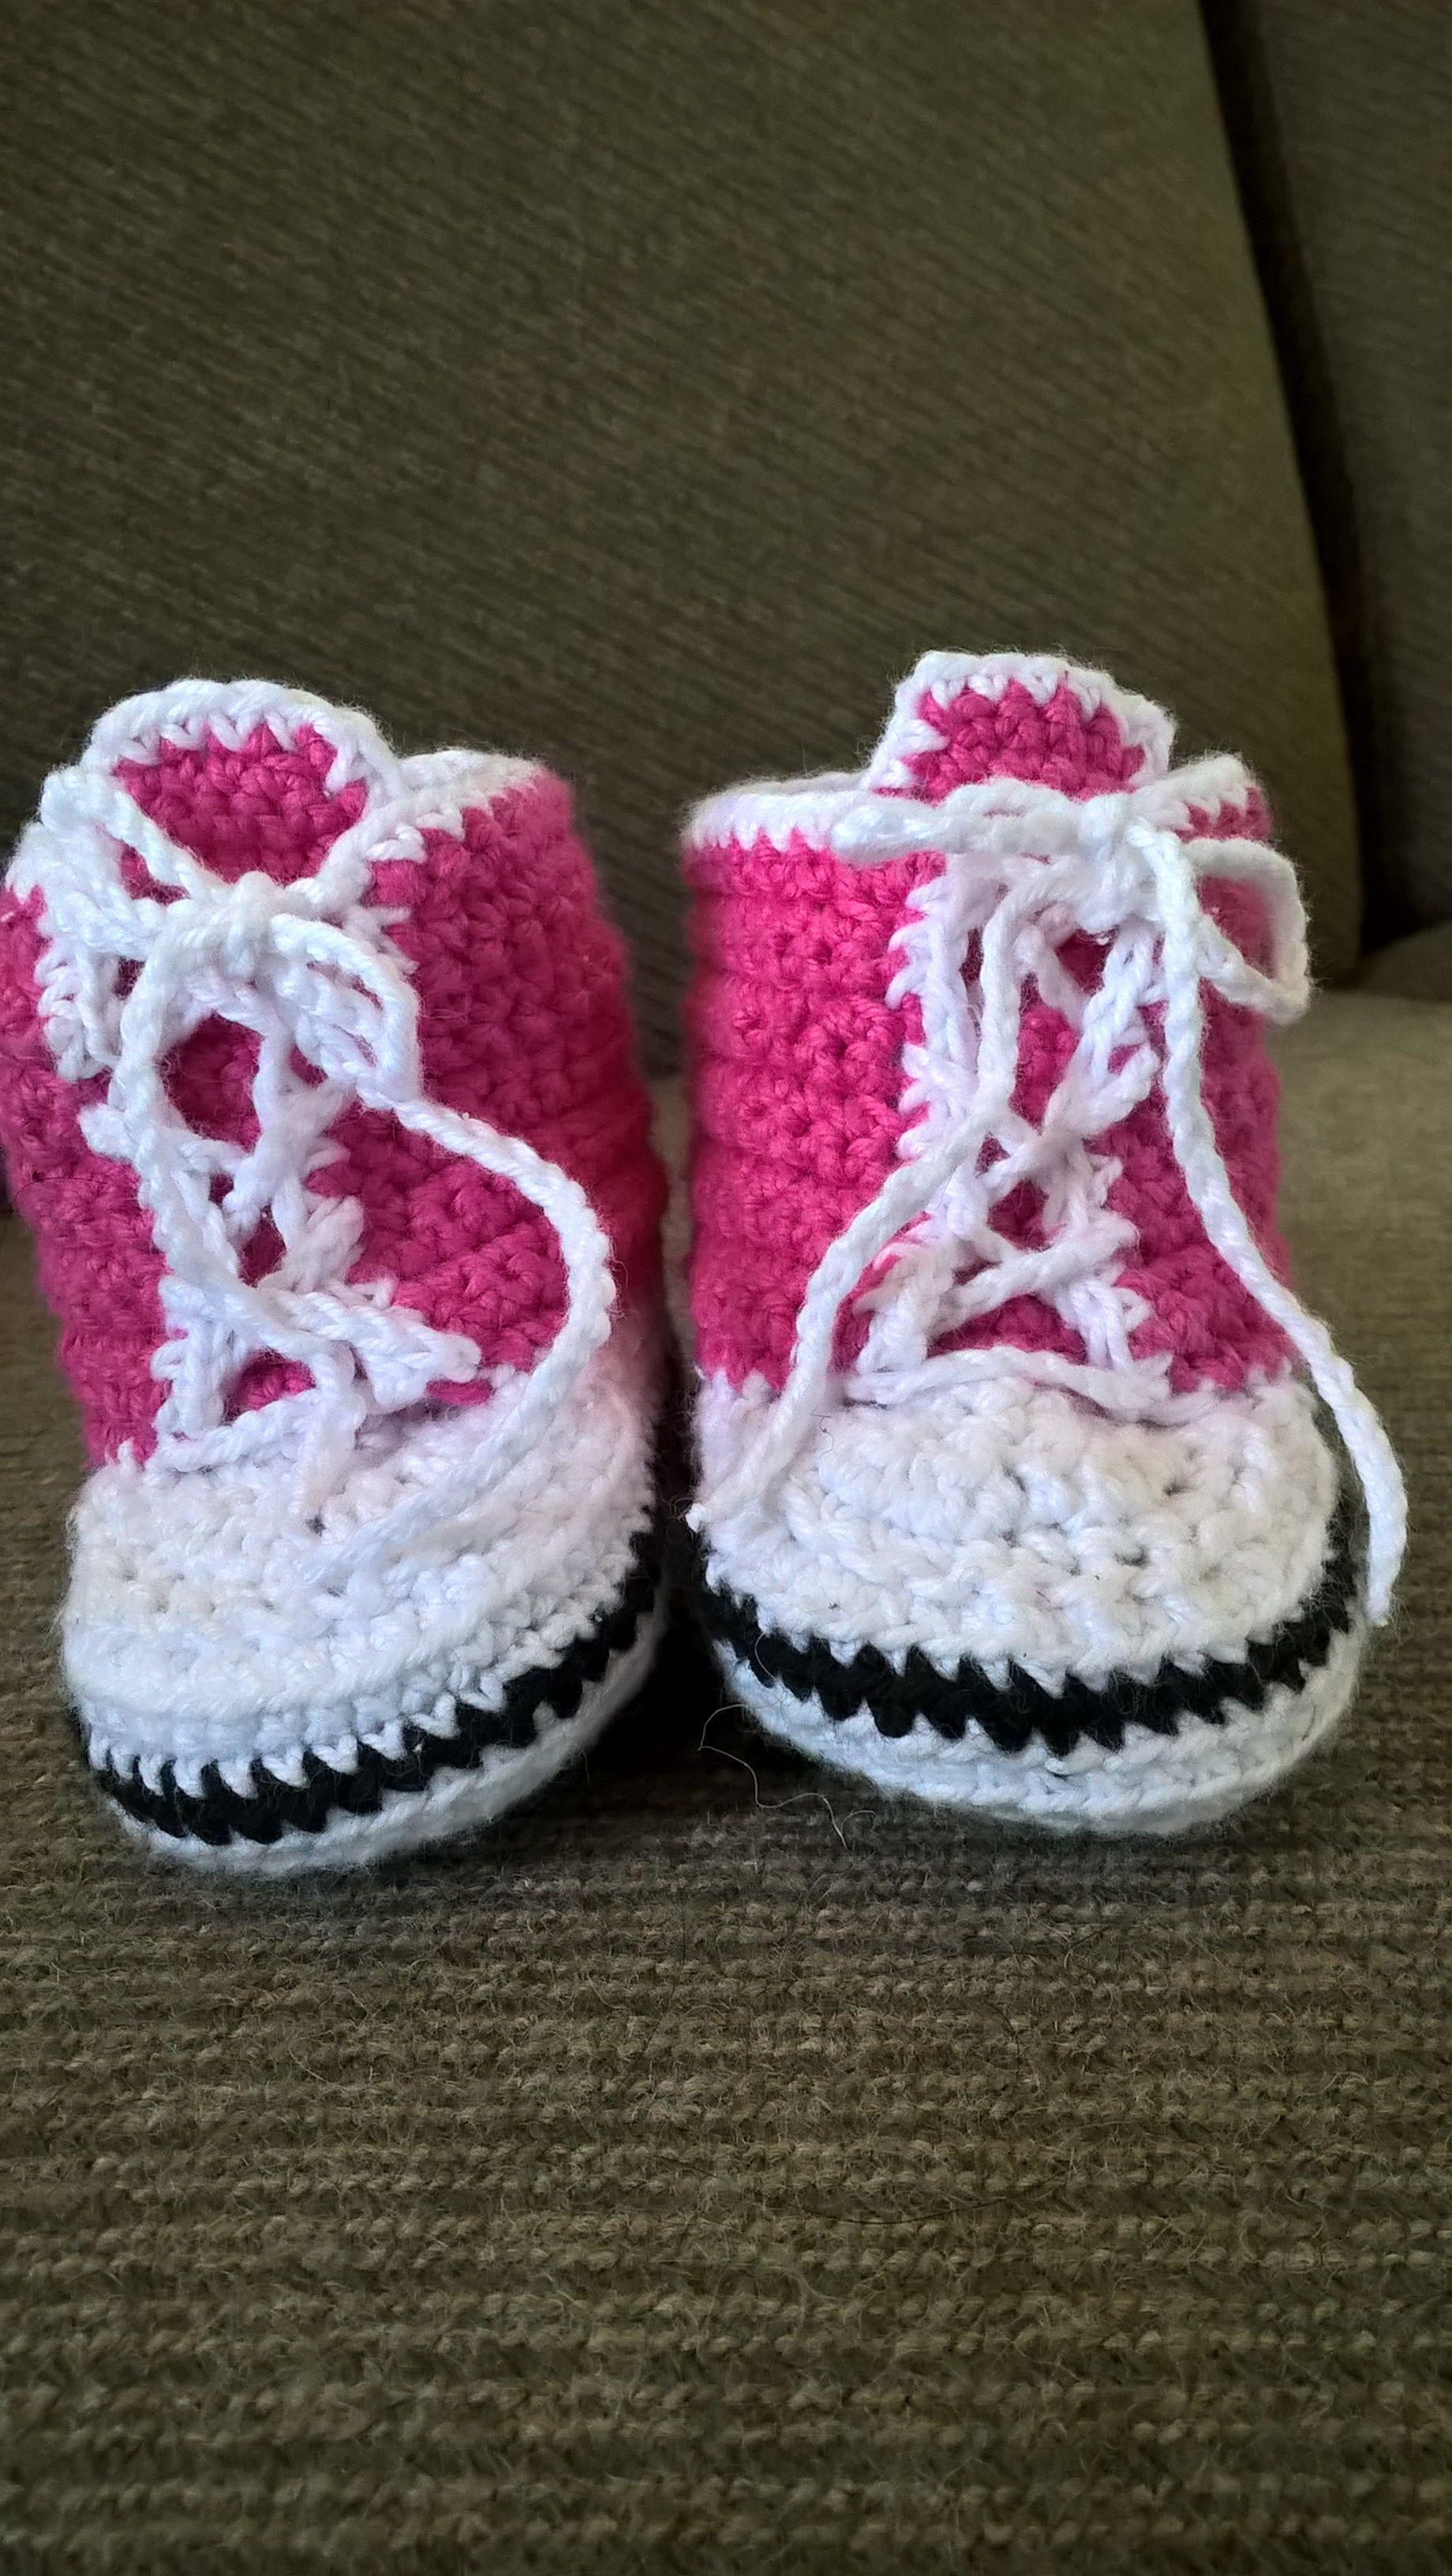 Små convers sko til lillepigen - Opskrift http://haekleopskrifter.dk/baby-converse/